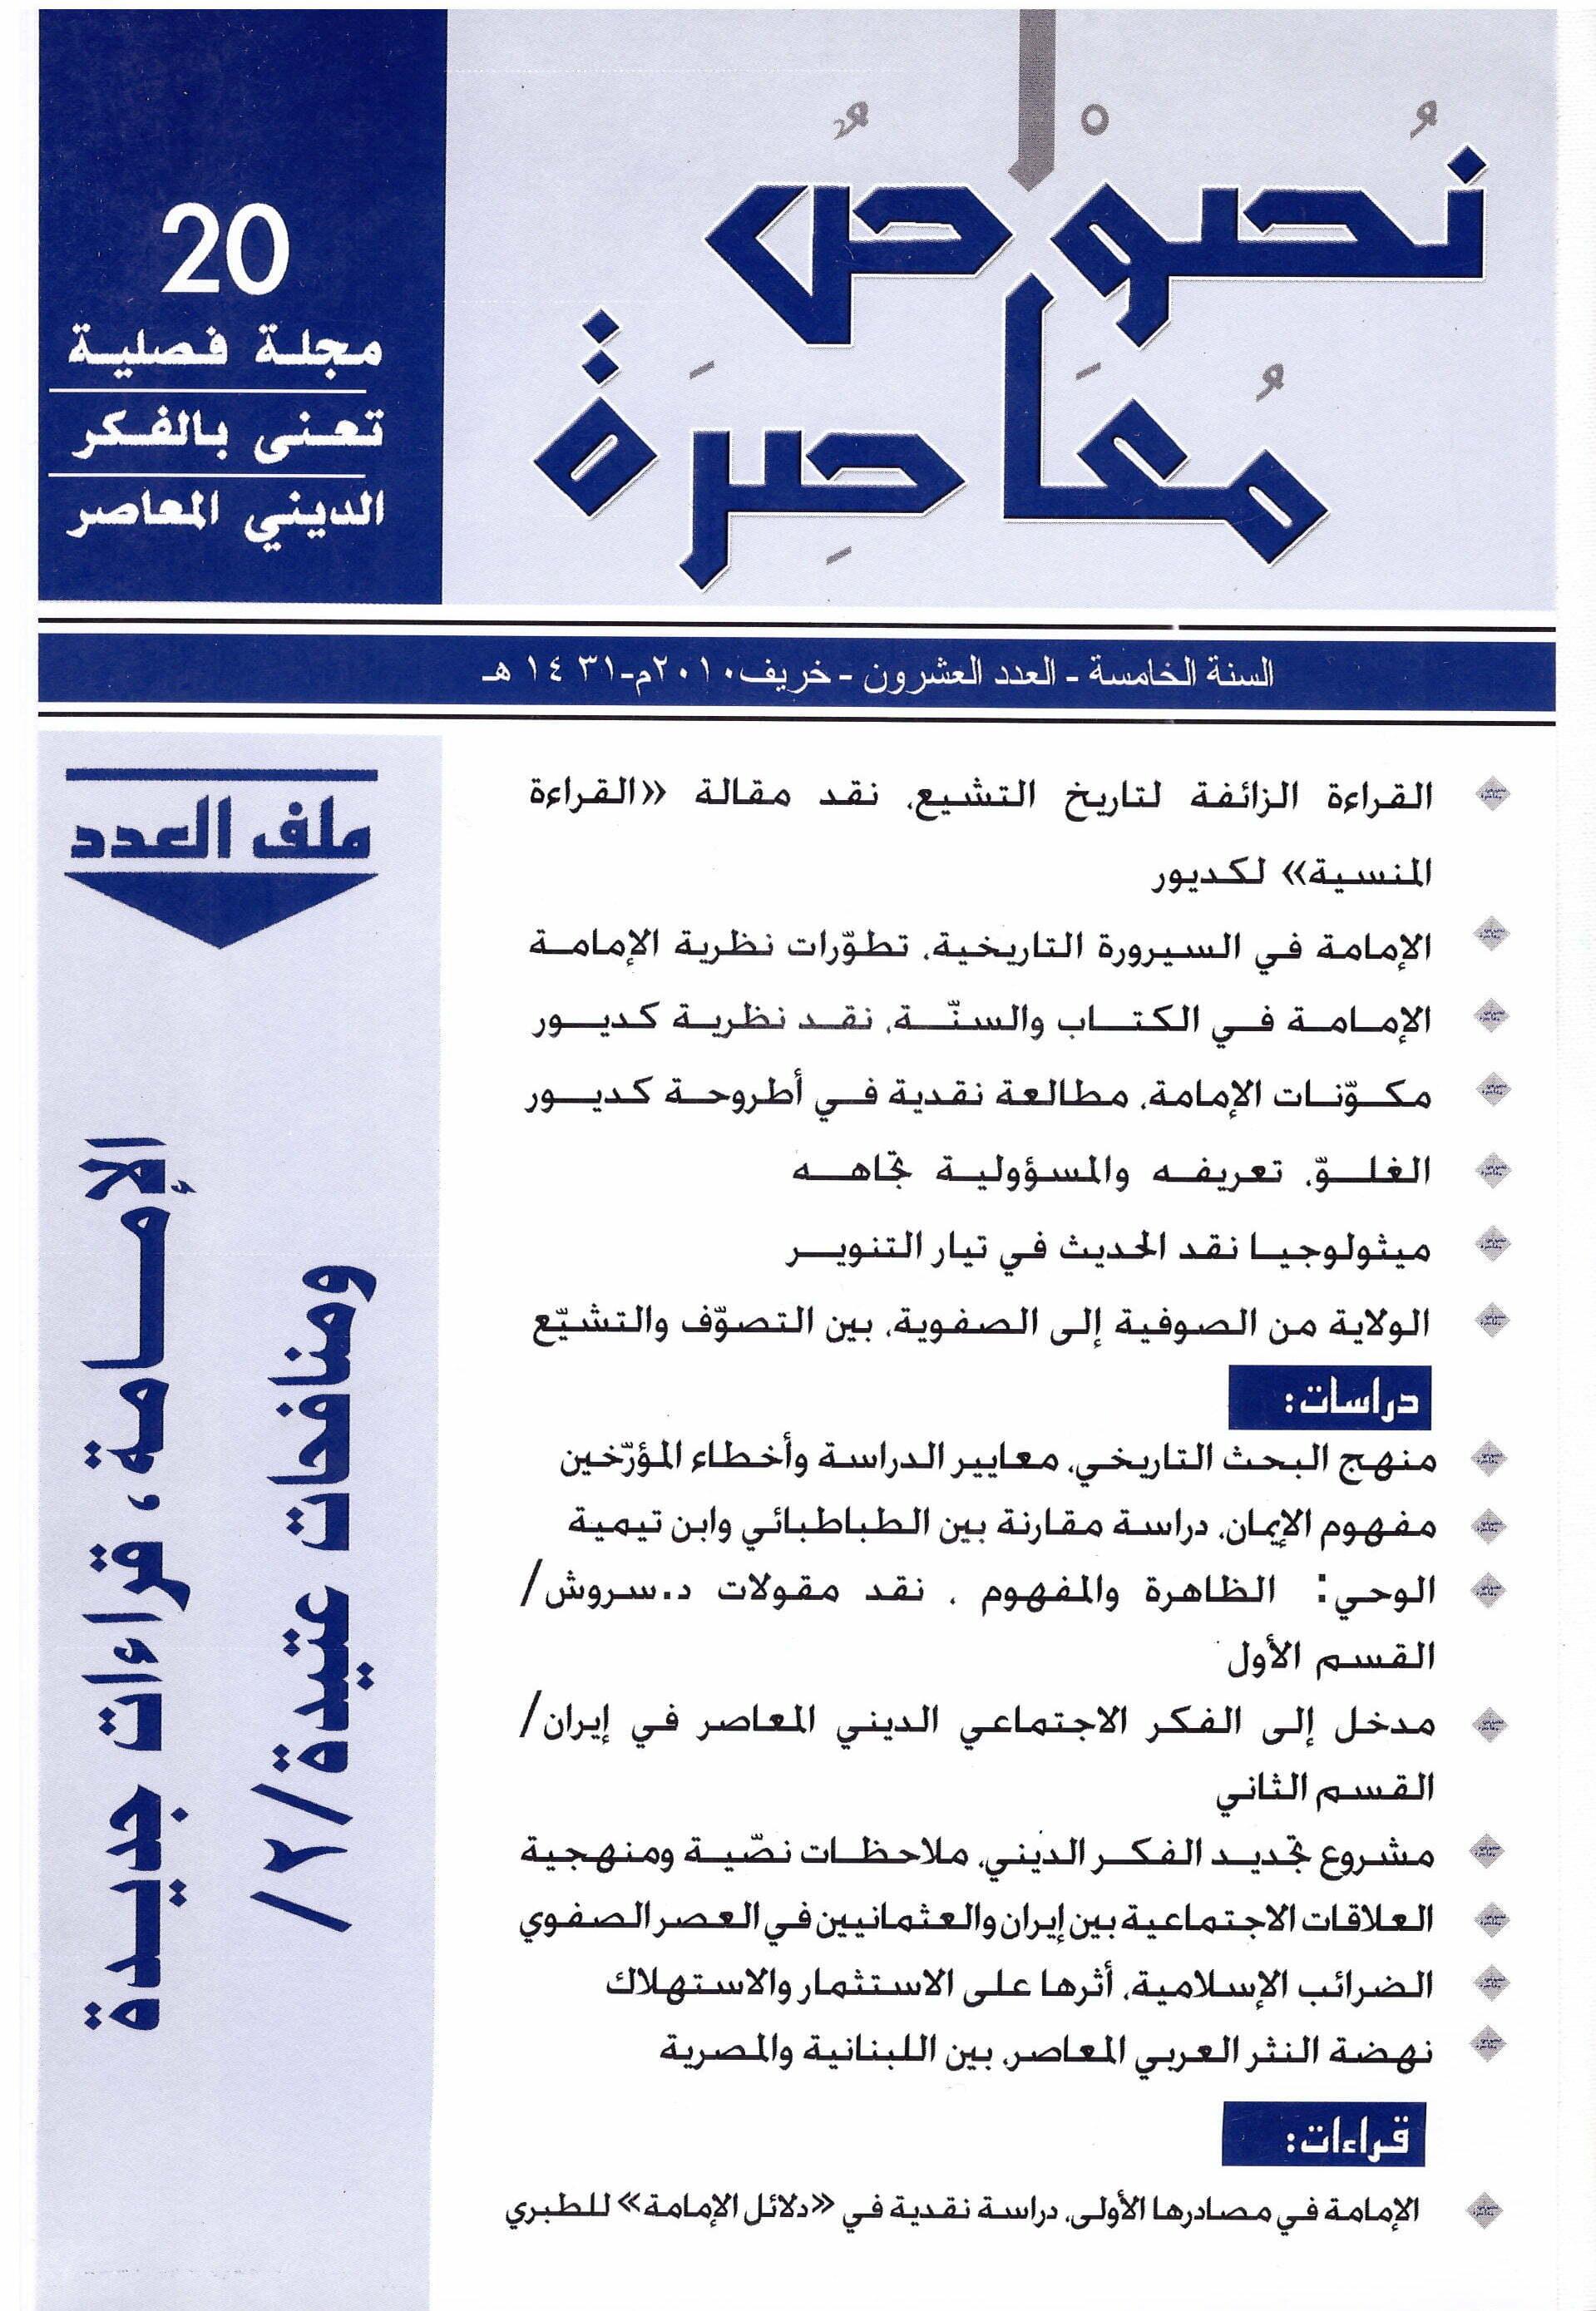 علمای ابرار در مجلهی نصوص معاصرهی بیروت